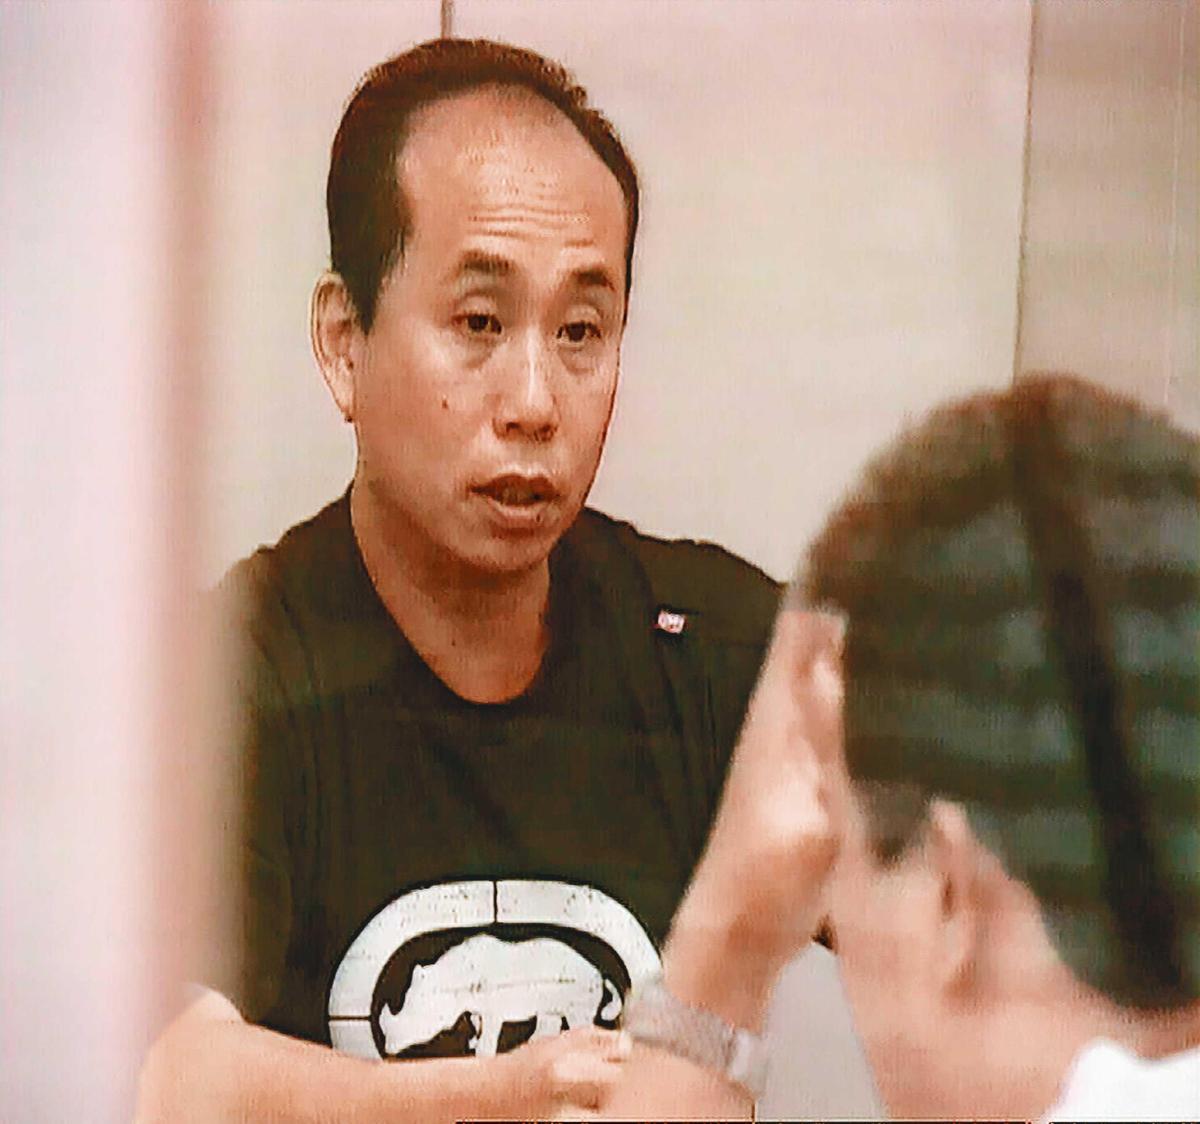 凶嫌李正位始終否認犯案,最終仍遭判無期徒刑。(東森新聞提供)